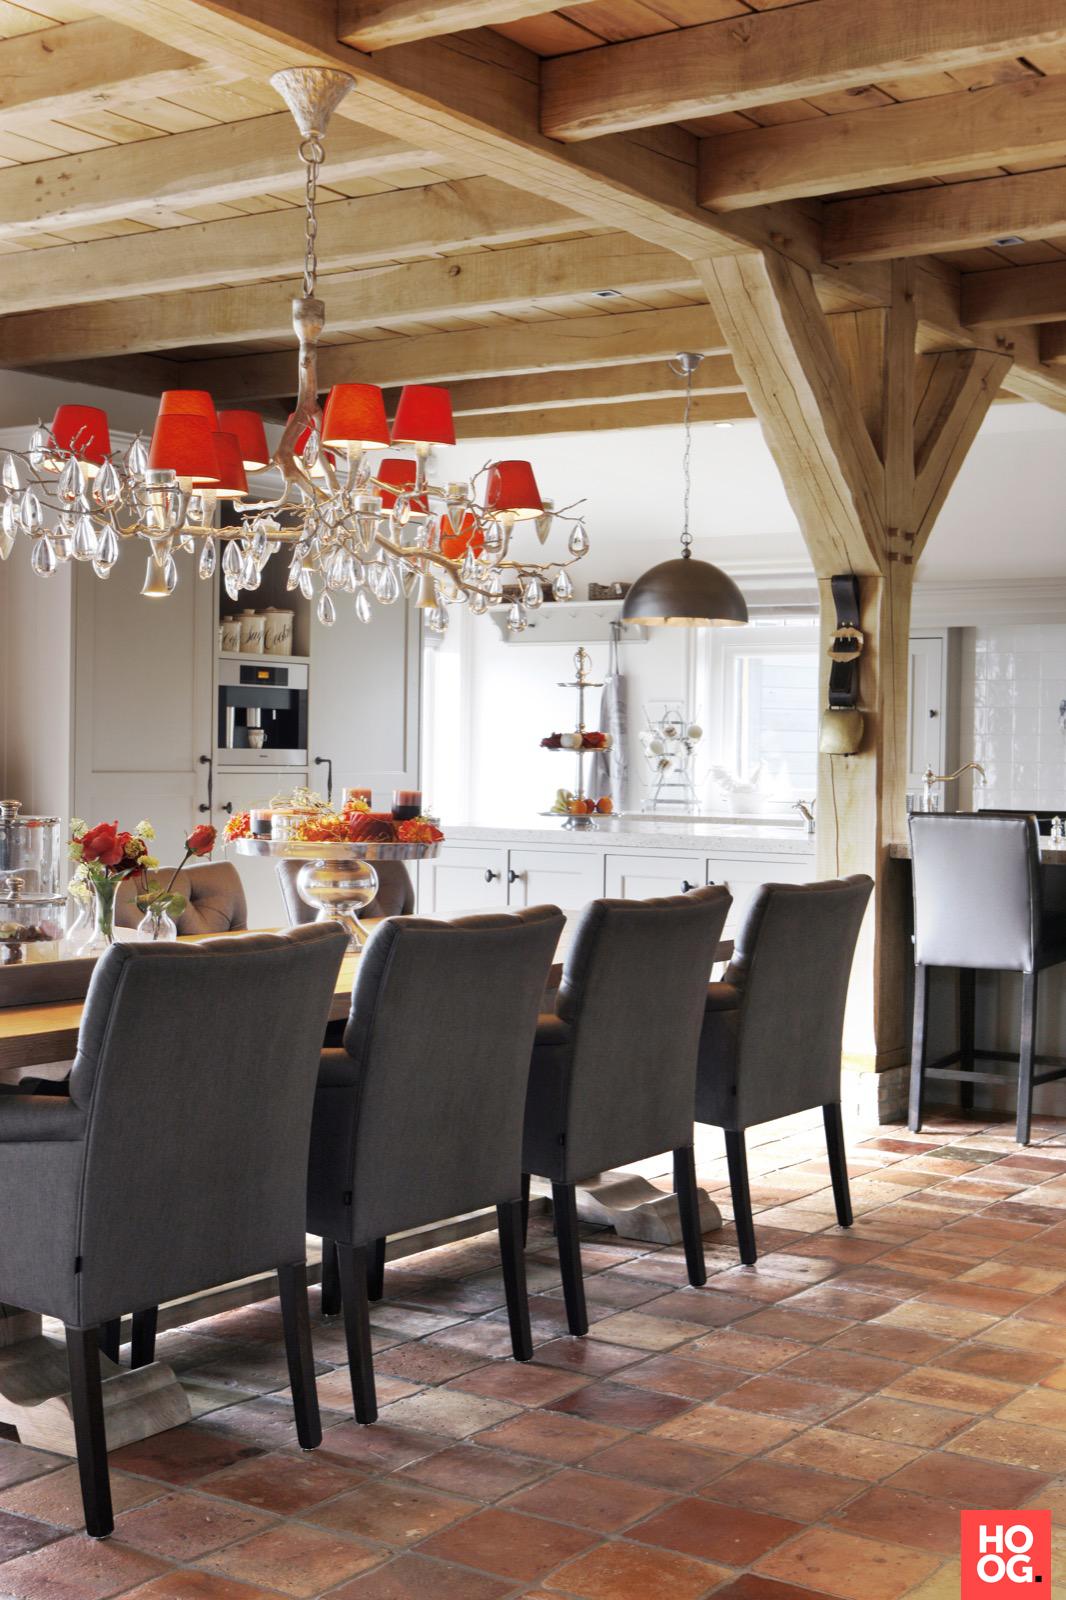 Landelijke woonkeuken met antieke Franse plavuizen, ook wel oude estriken genoemd | Antique terracotta flooring | Kersbergen.nl